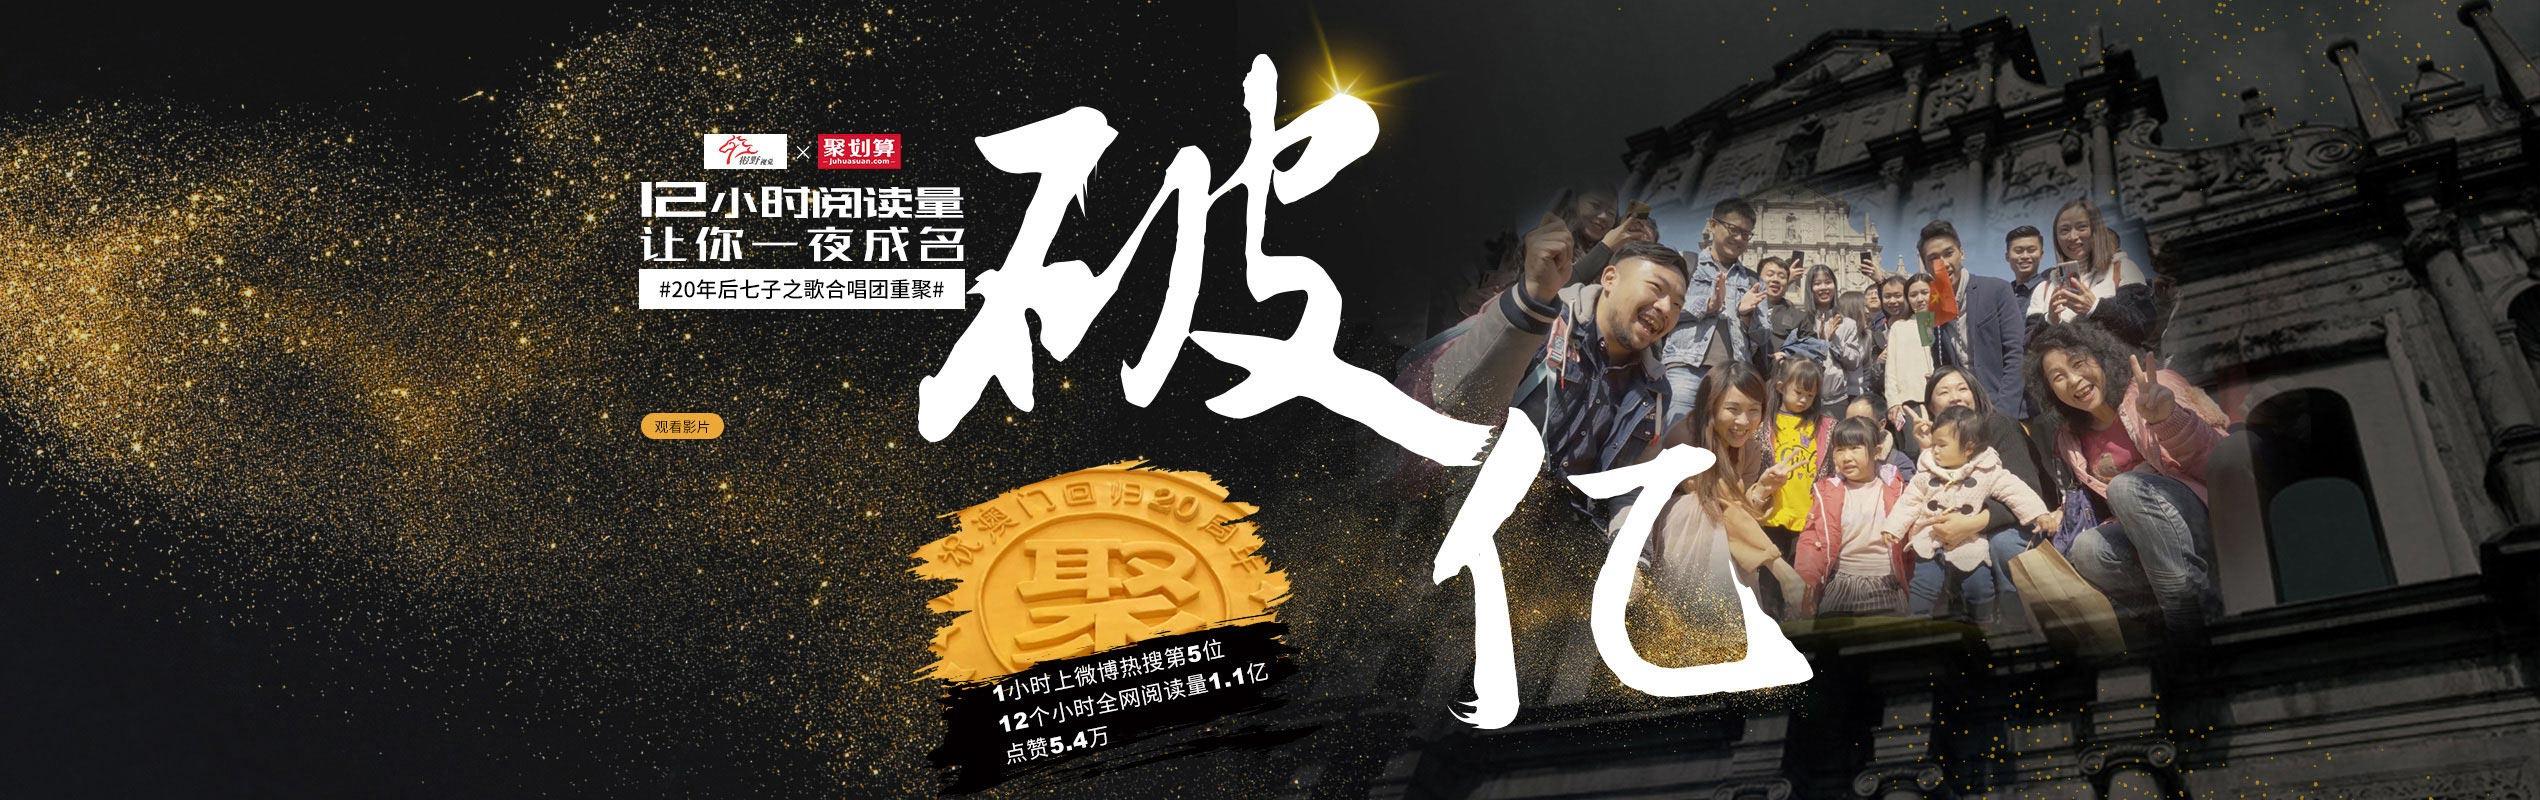 彬野专业深圳宣传片拍摄公司, 14年来专注企业宣传片制作,产品广告片拍摄,微电影拍摄,短视频拍摄制作, 策划+创意+拍摄+剪辑一站式服务☎:0755-26655651